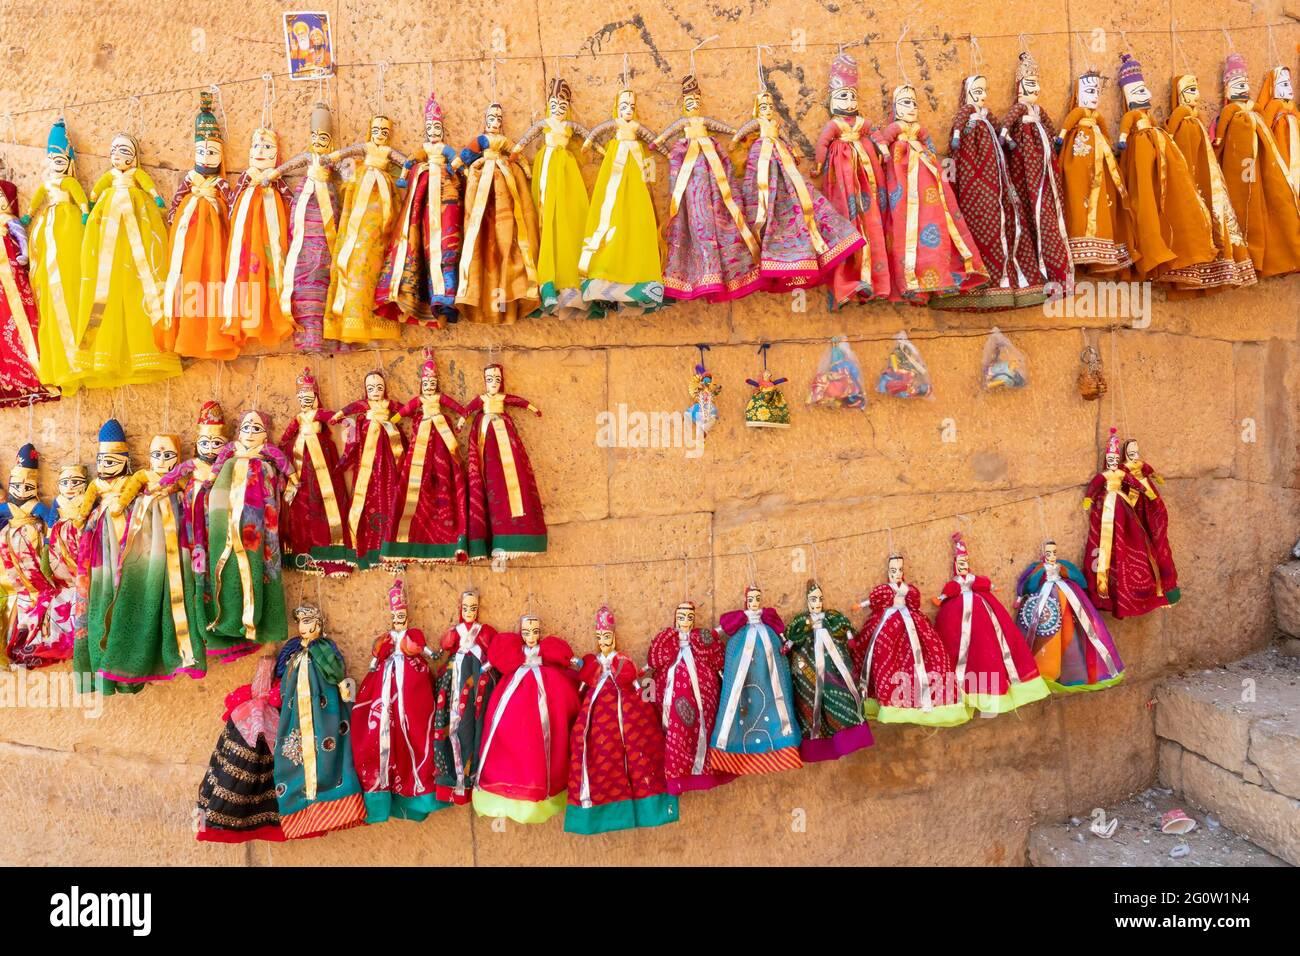 Traditionelle König und Königin, genannt Raja Rani, handgemachte Puppen oder Katputli-Sets hängen an der Wand im Jaislamer Fort, Rajasthan, Indien. Puppen i Stockfoto